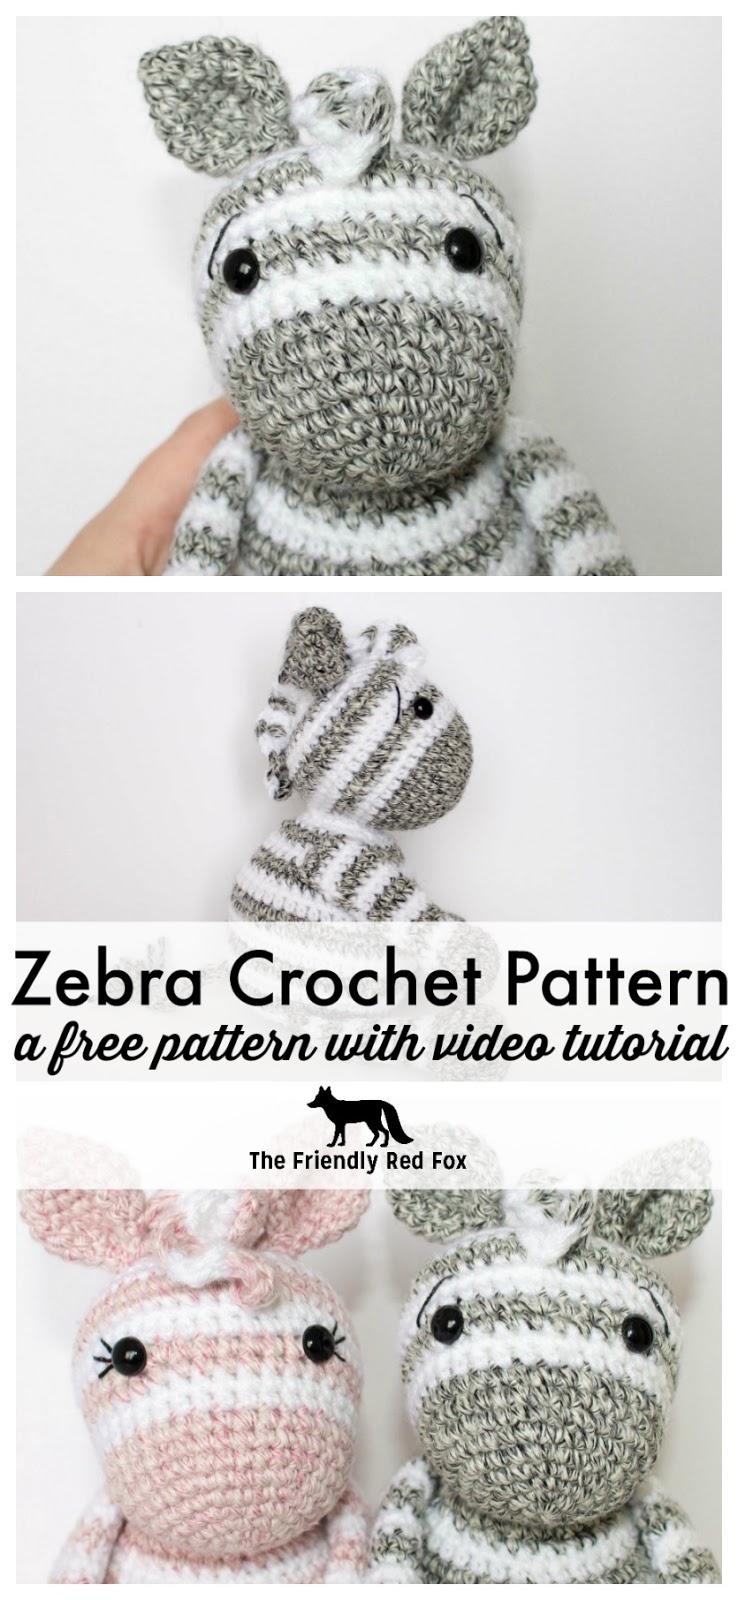 Free Crochet Zebra Pattern - thefriendlyredfox.com